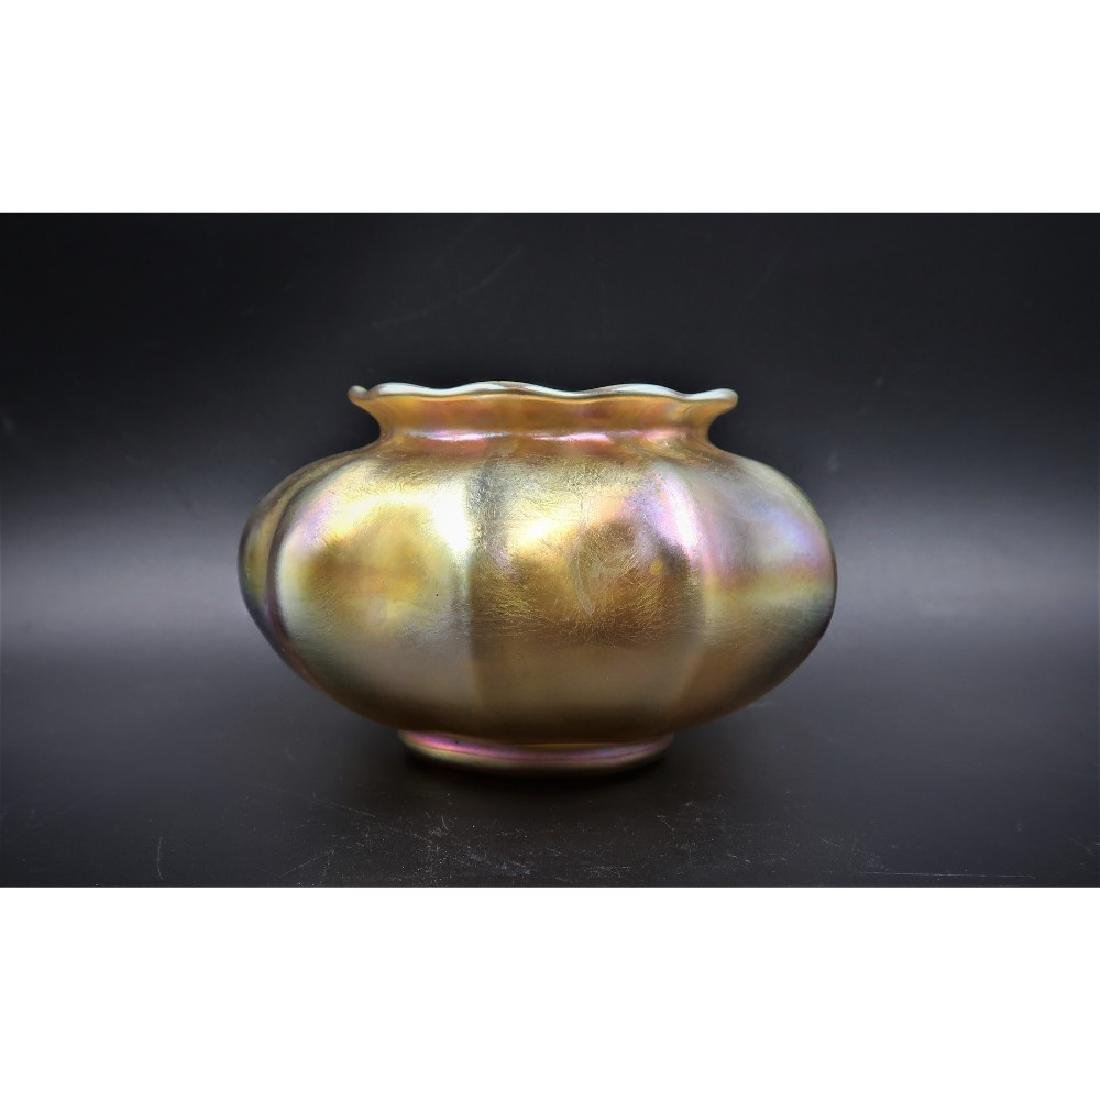 LC Tiffany Favrile Bowl